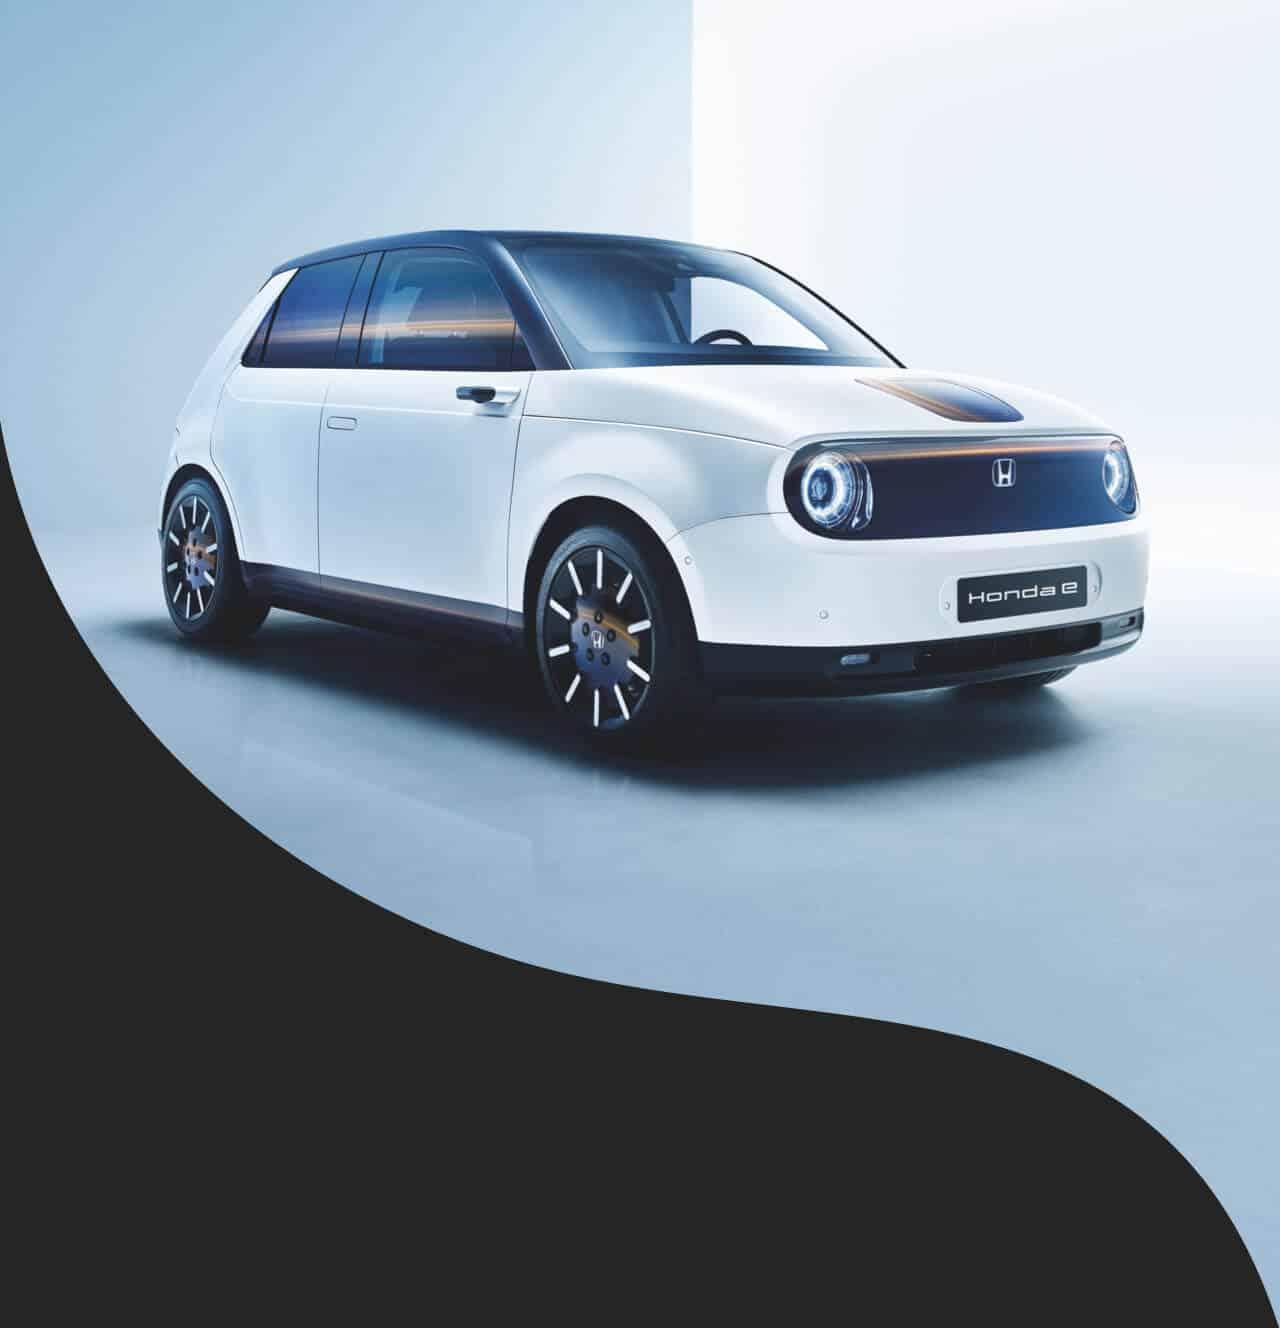 Electric Car - Honda e